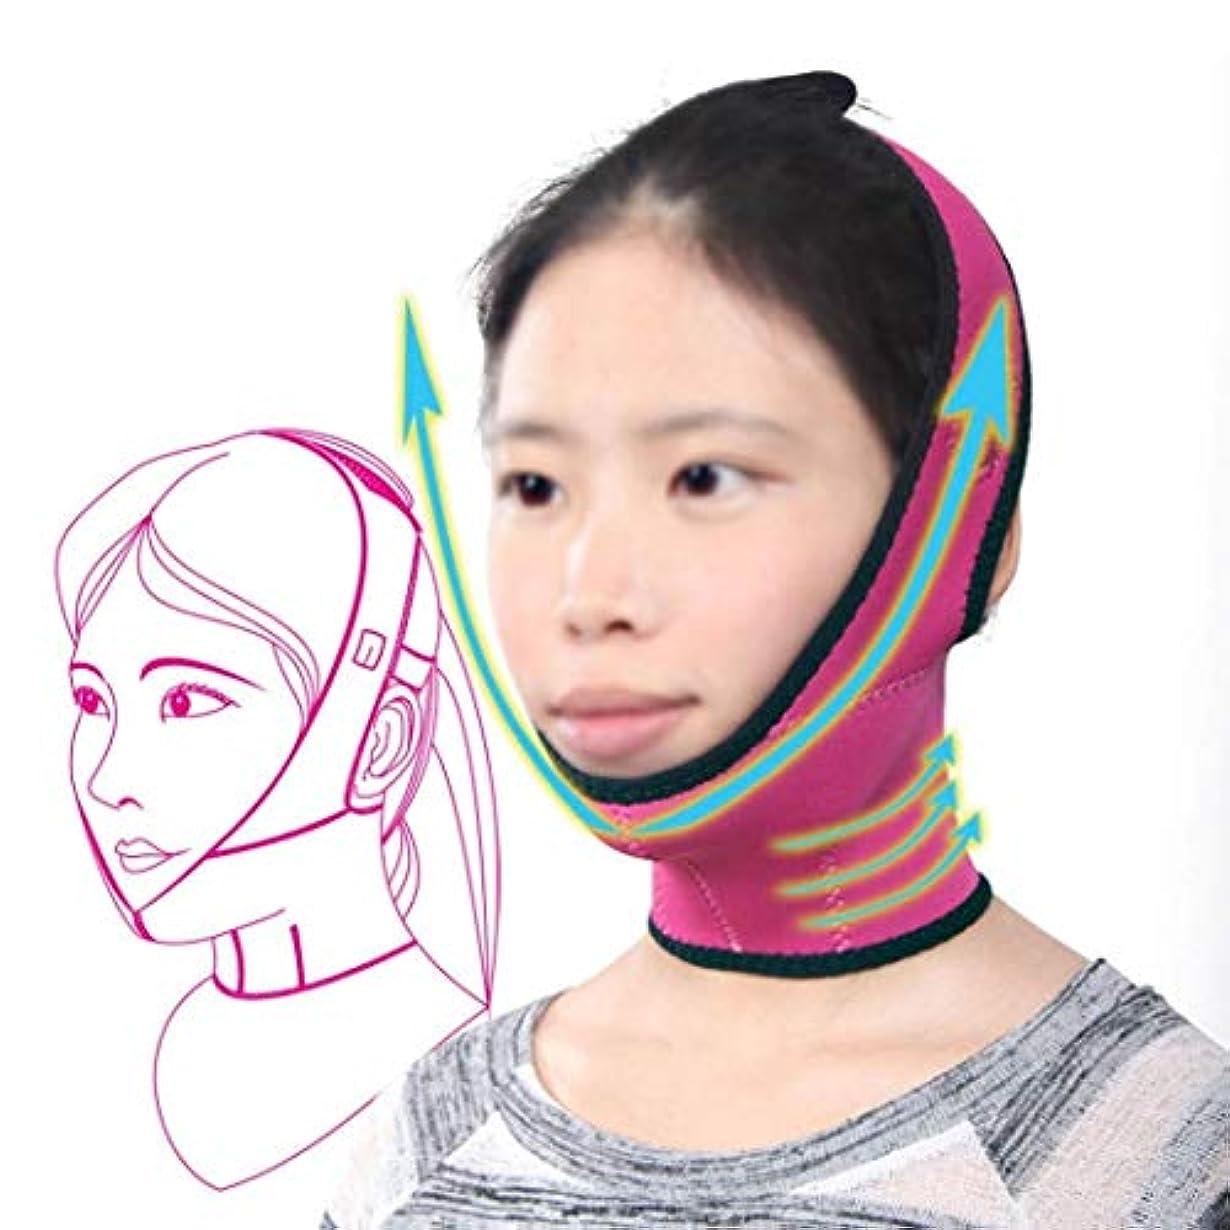 推進海外大使館フェイスリフトマスク、スリムベルトフェイスマスクパワフルリフティングスモールVフェイスシンフェイス包帯美容フェイスリフティングフェイススモールフェイスシンフェイスマスク